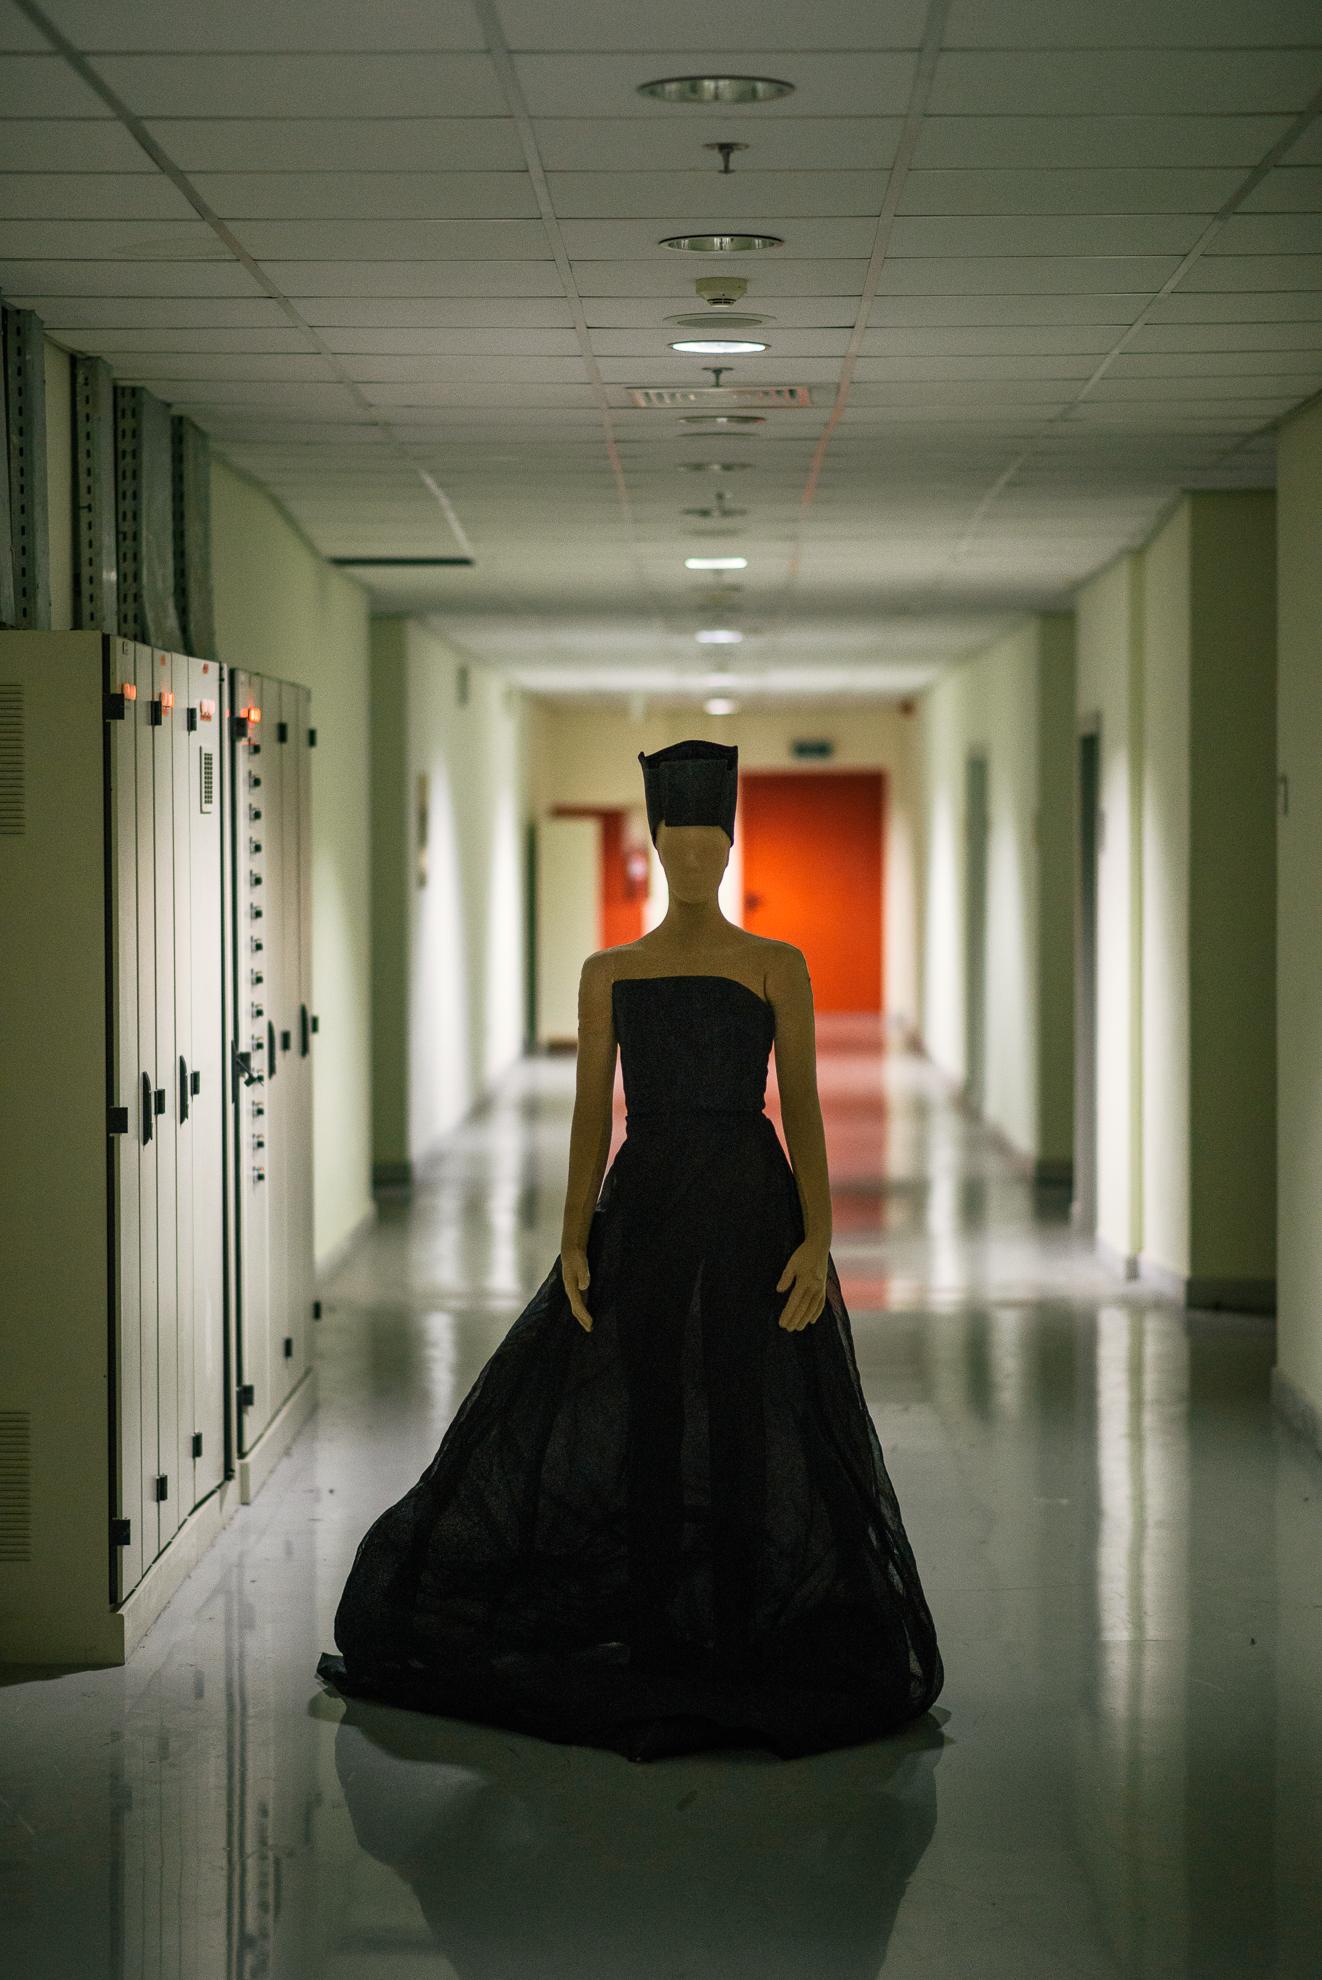 """Κοστούμι του Δαμιανού Ζαρίφη από την όπερα του Θάνου Μικρούτσικου """"Η επιστροφή της Ελένης"""" σε σκηνοθεσία Δημήτρη Παπαϊωάννου, 1999, ©ΧΡΗΣΤΟΣ ΤΟΛΗΣ"""